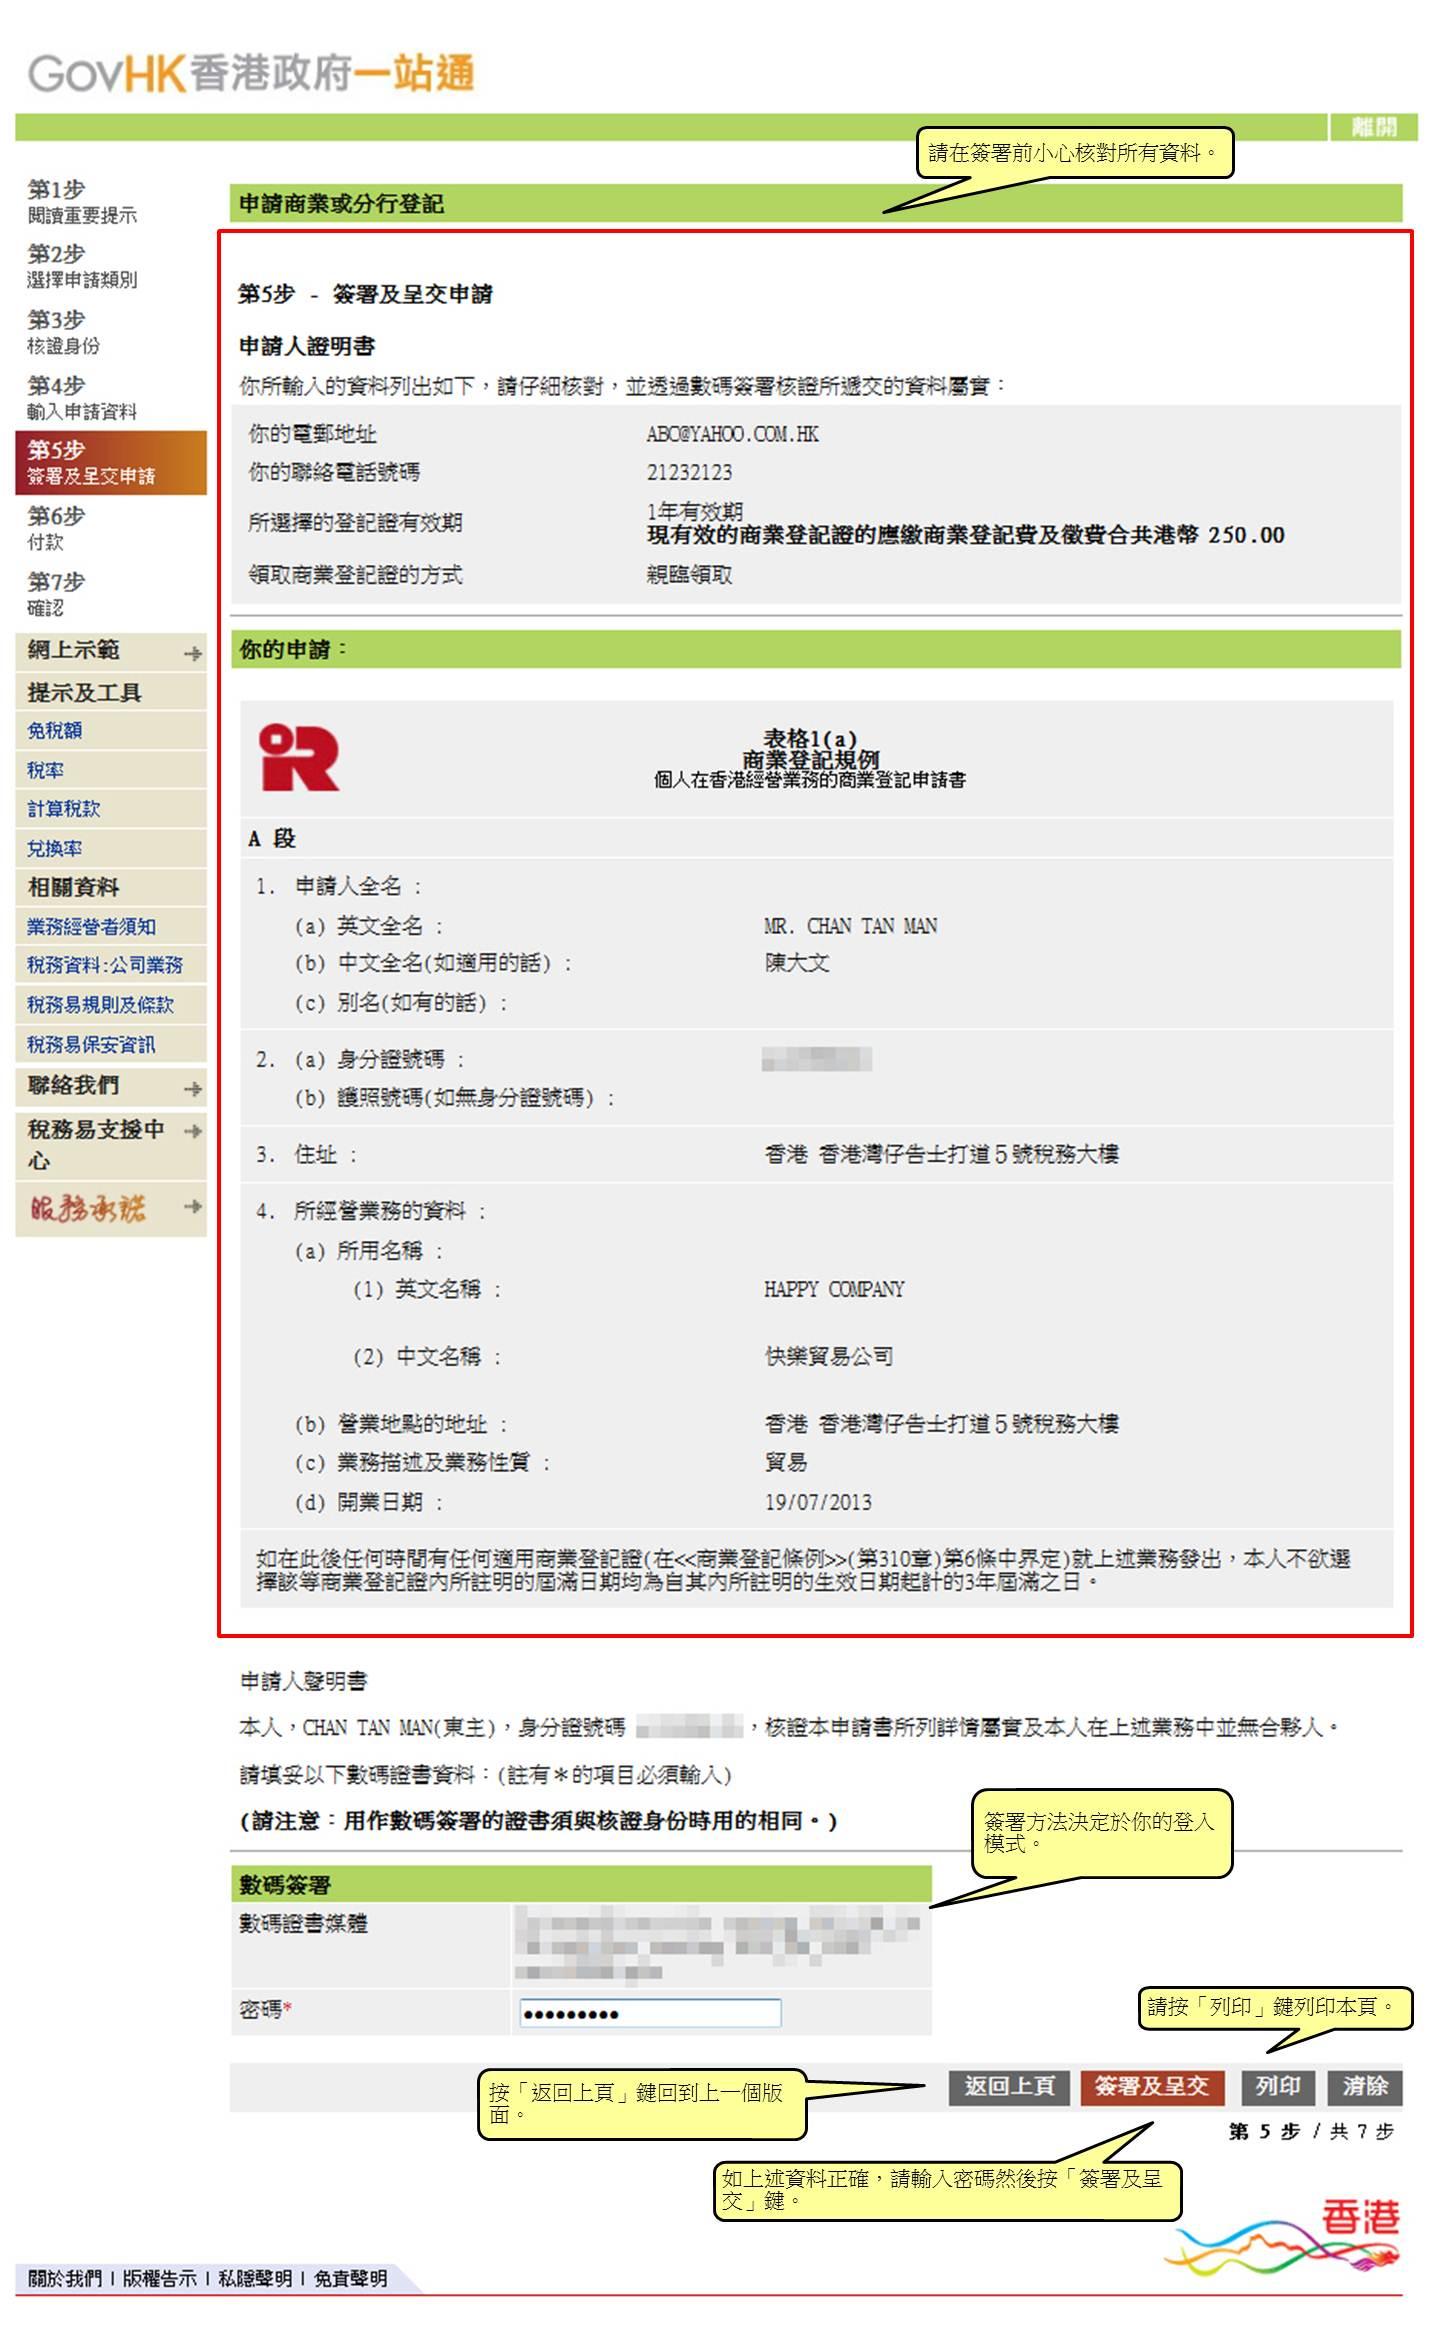 網上示範申請商業或分行登記